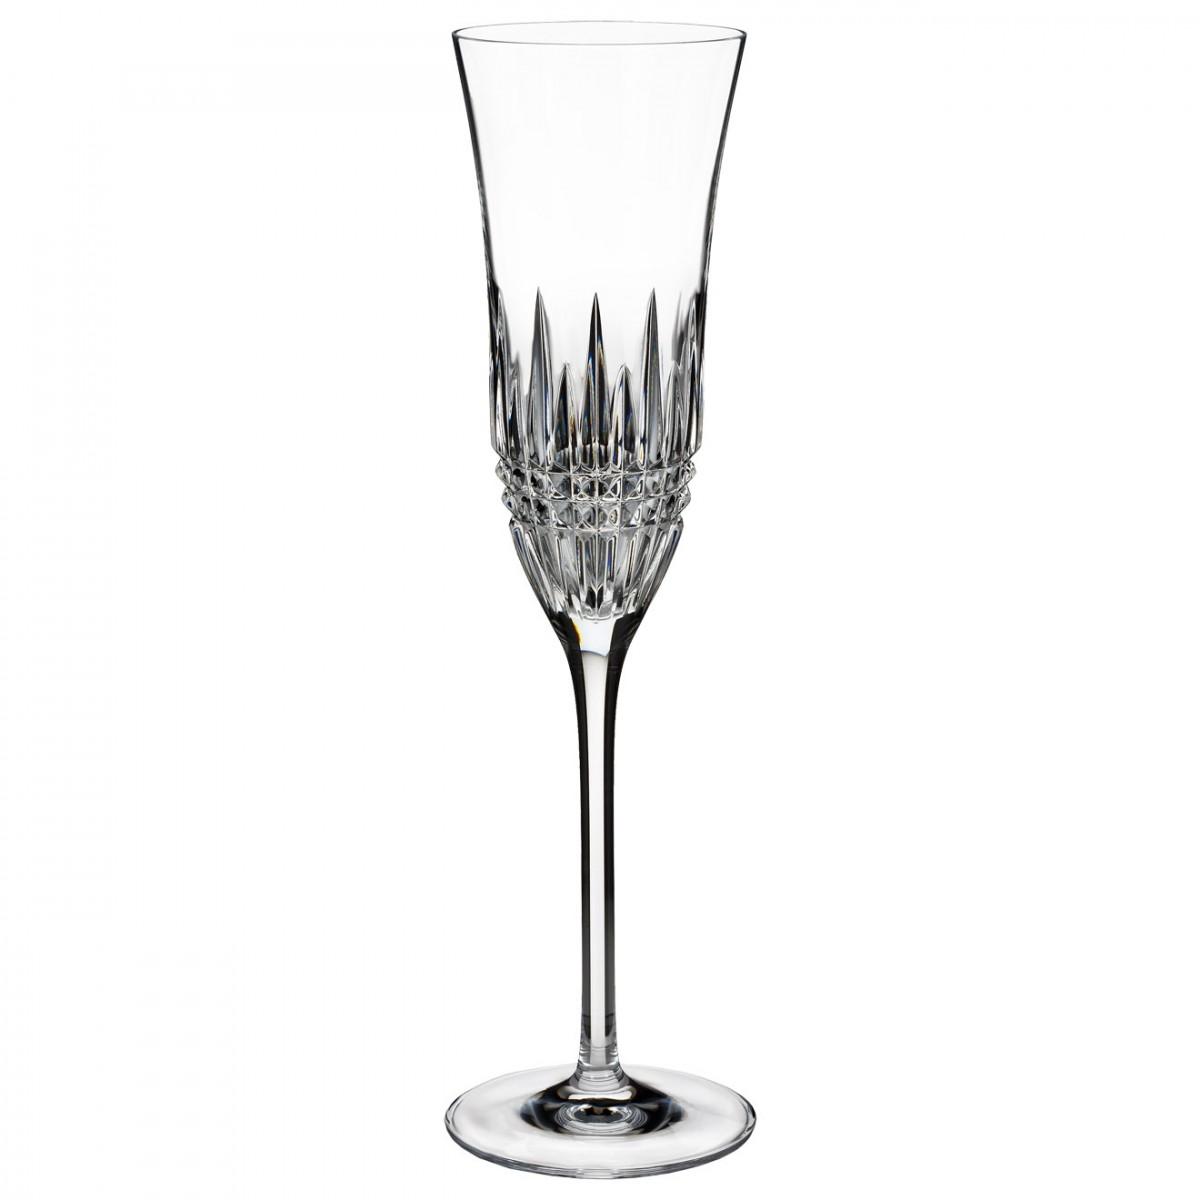 Waterford Crystal, Lismore Diamond Essence Flute, Single